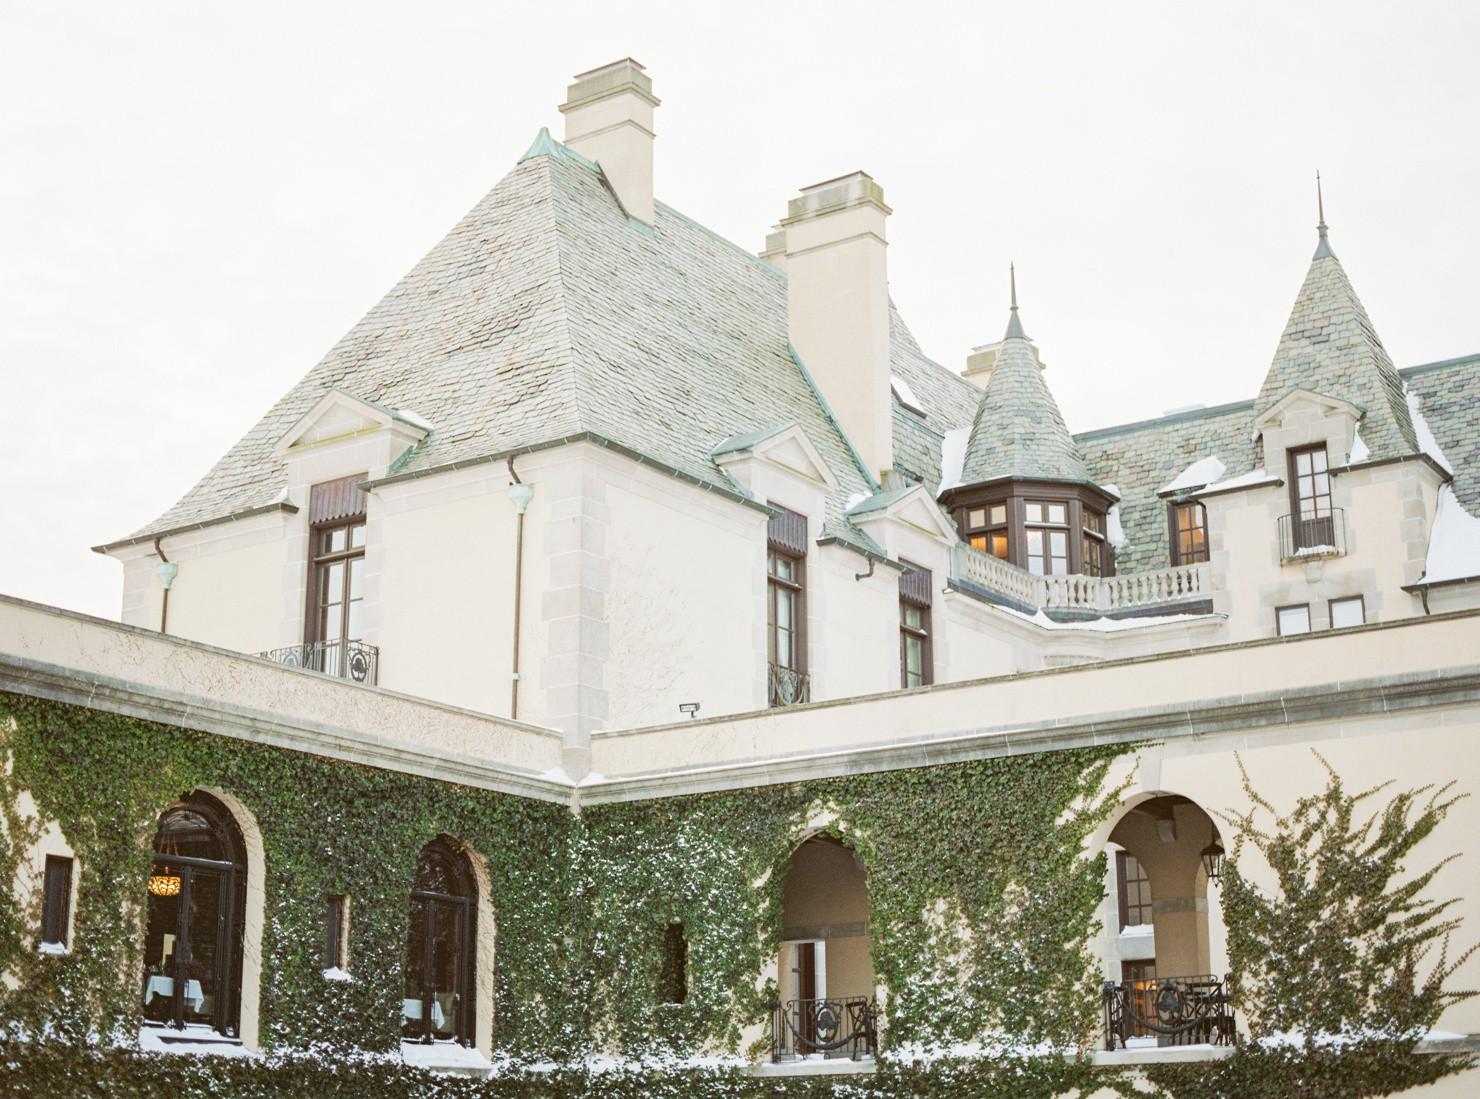 4 sự thật về toà lâu đài mà chỉ giới nhà giàu ở Mỹ mới dám thuê tổ chức đám cưới, Taylor Swfit là ngôi sao hiếm hoi từng quay MV ở đây - Ảnh 10.